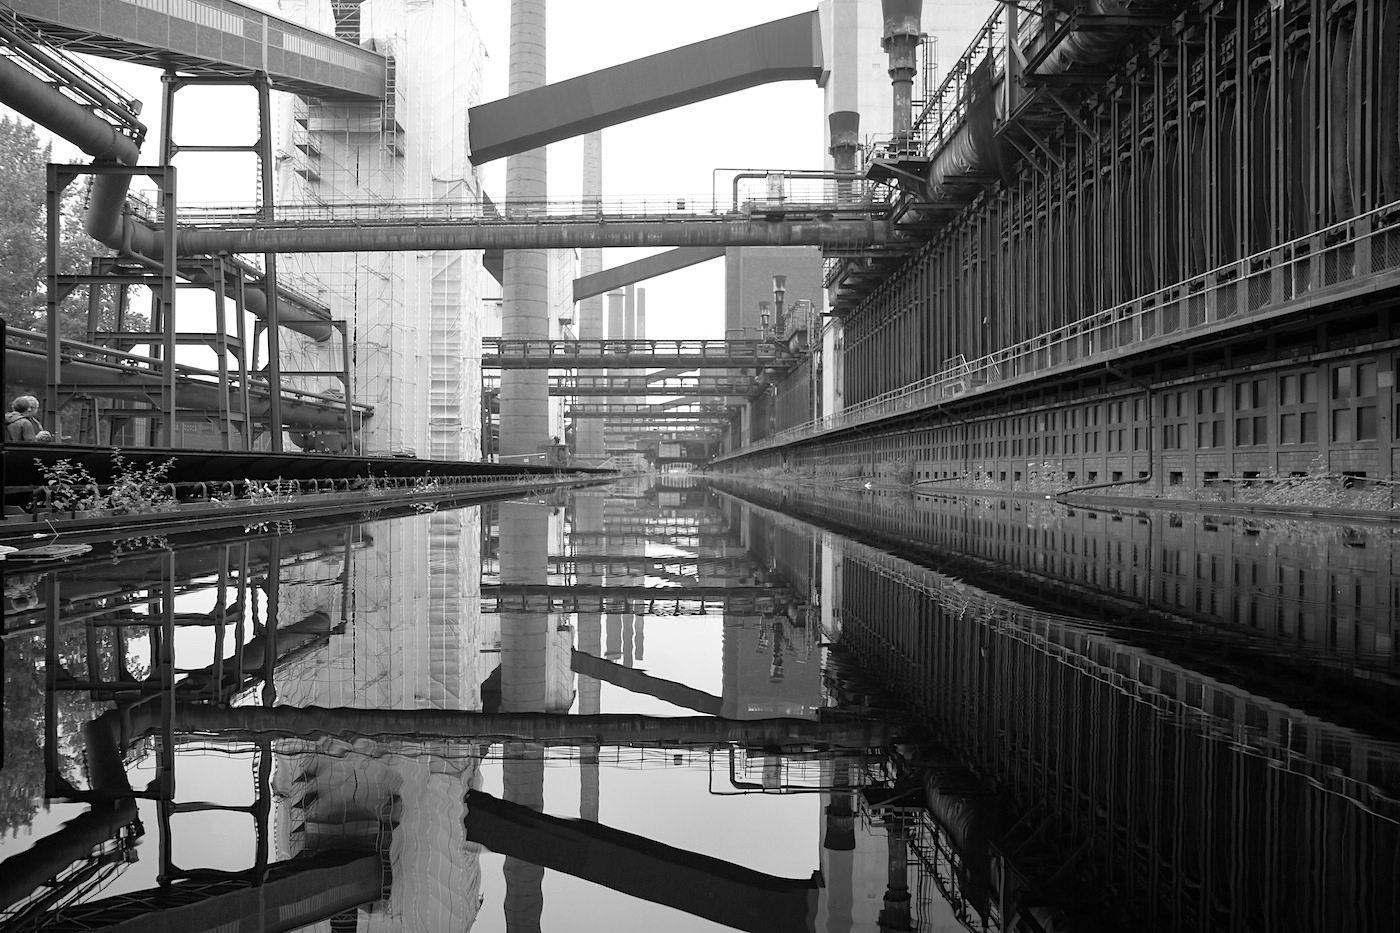 Zeche Zollverein.  Die Kokerei Zollverein war von 1961 bis 1993 aktiv. Sie galt als die modernste Kokerei Europas.